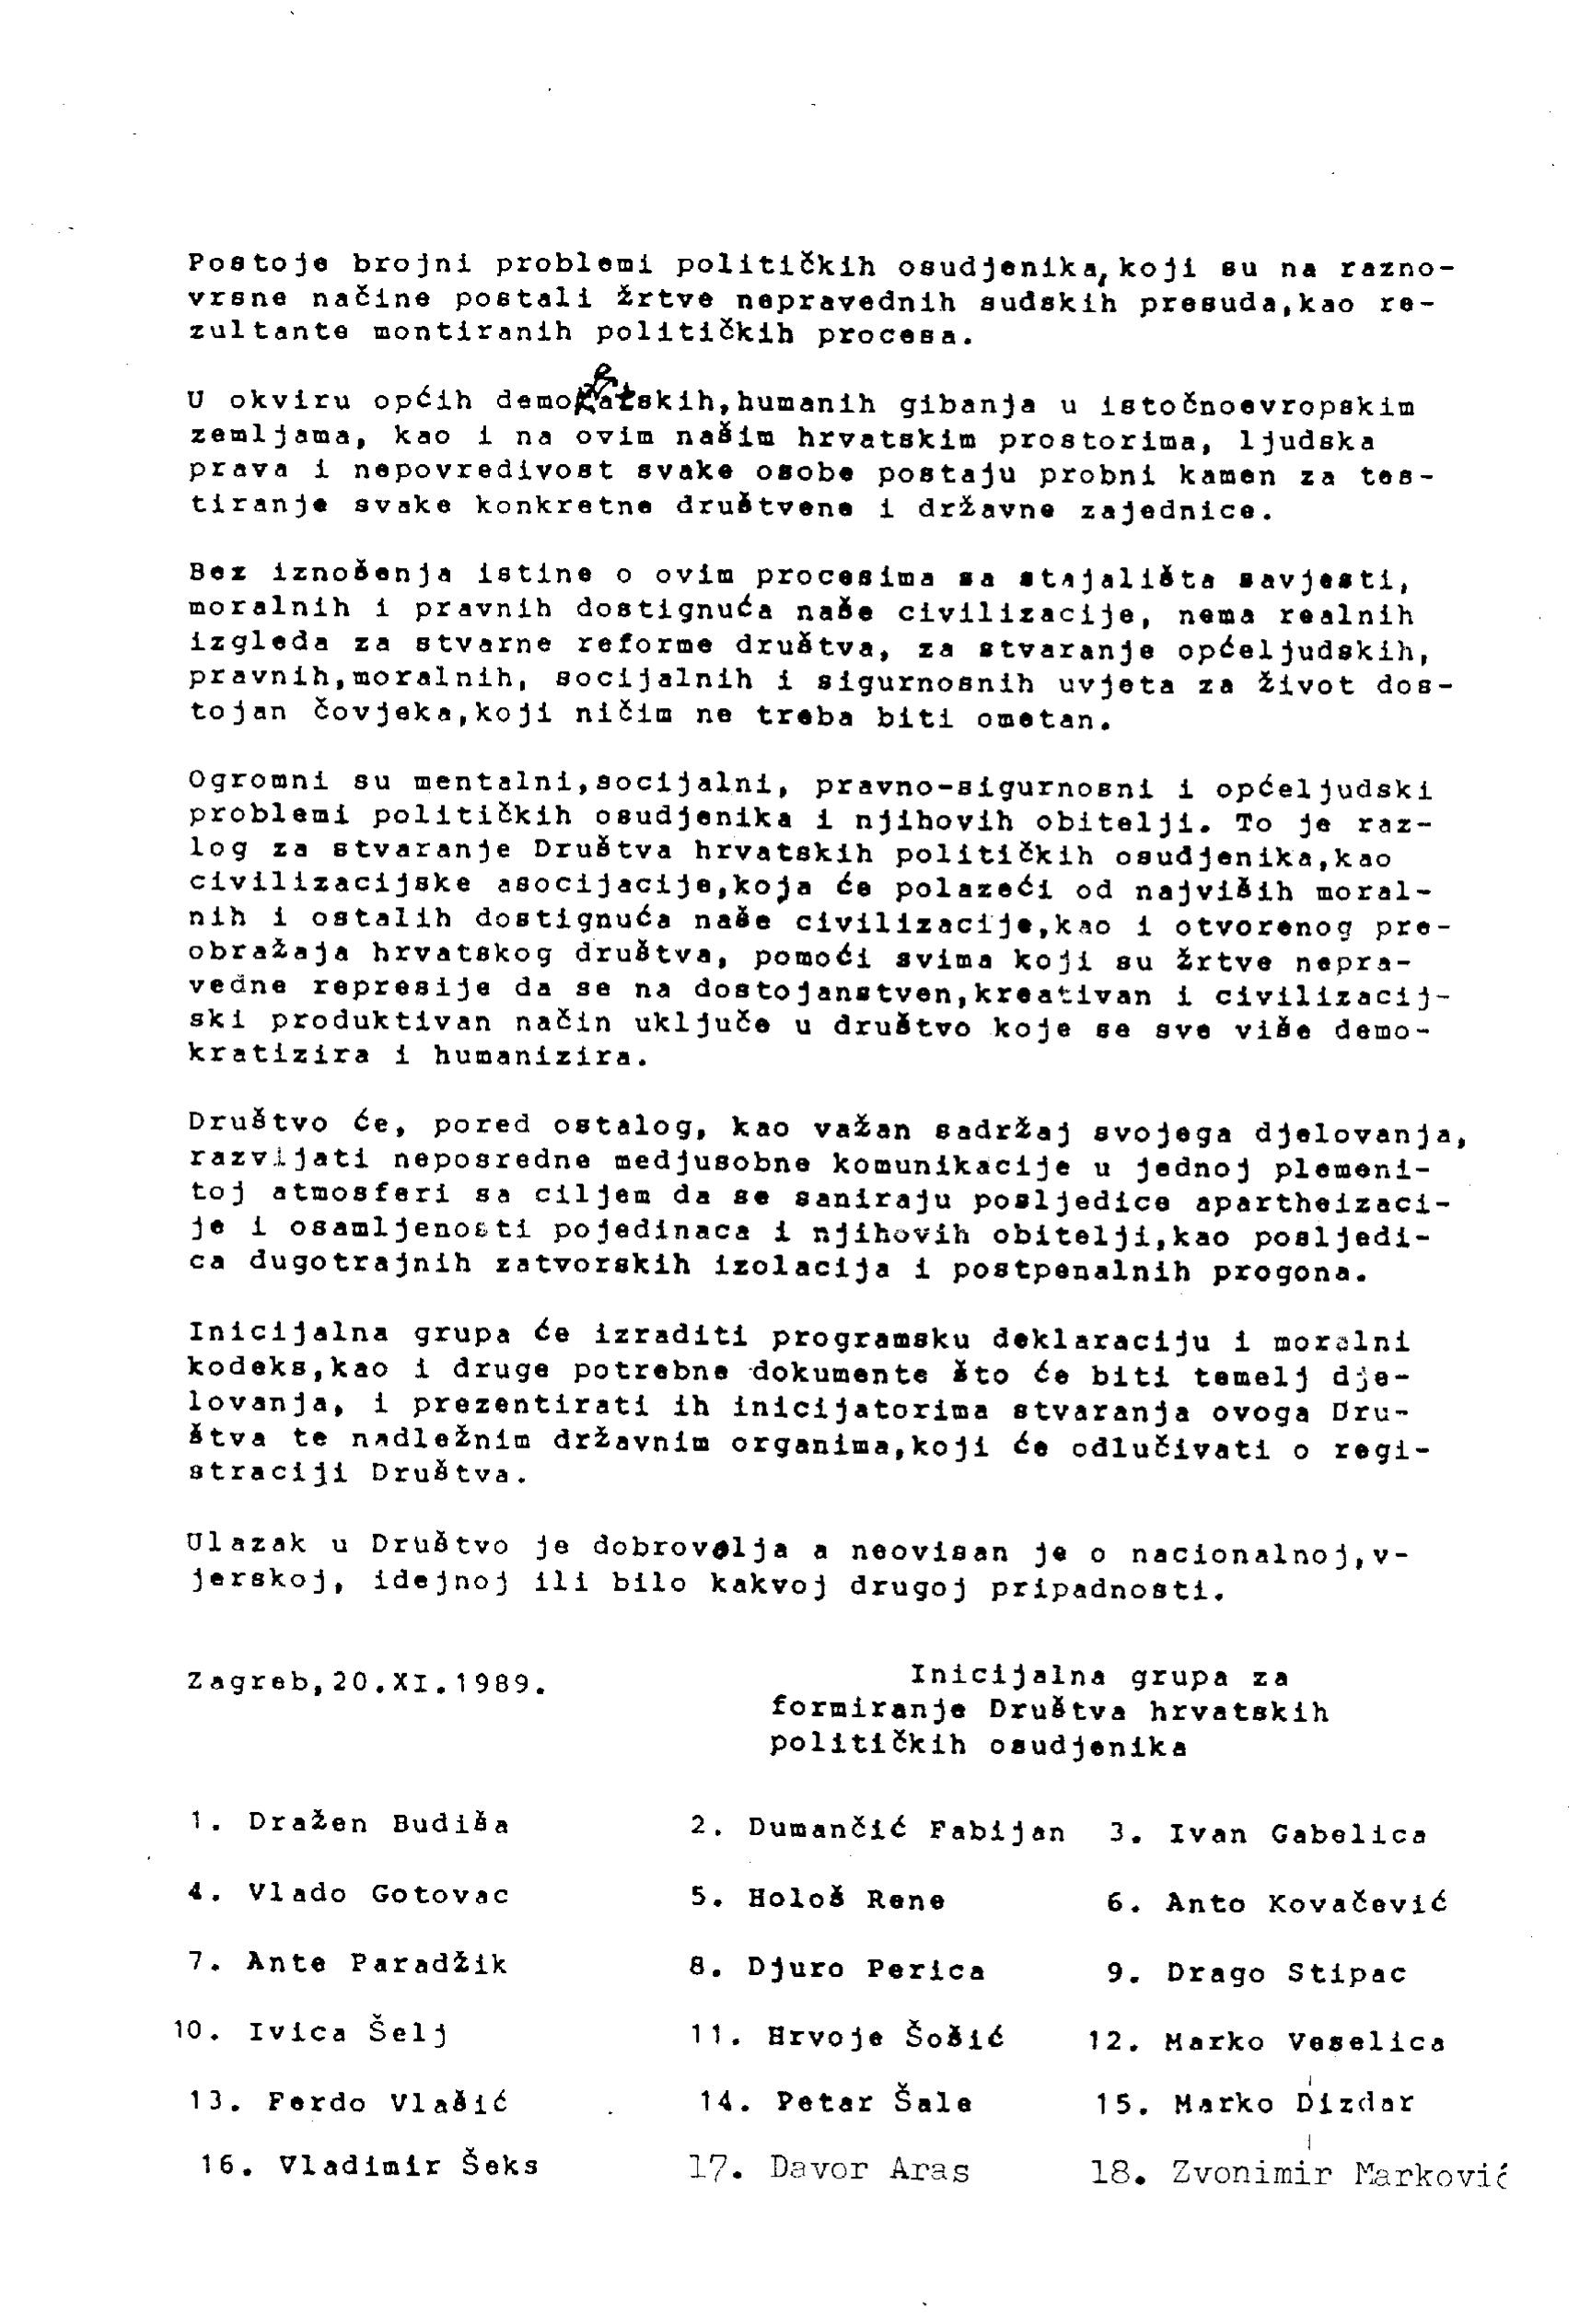 inicijativni sastanak 1989.